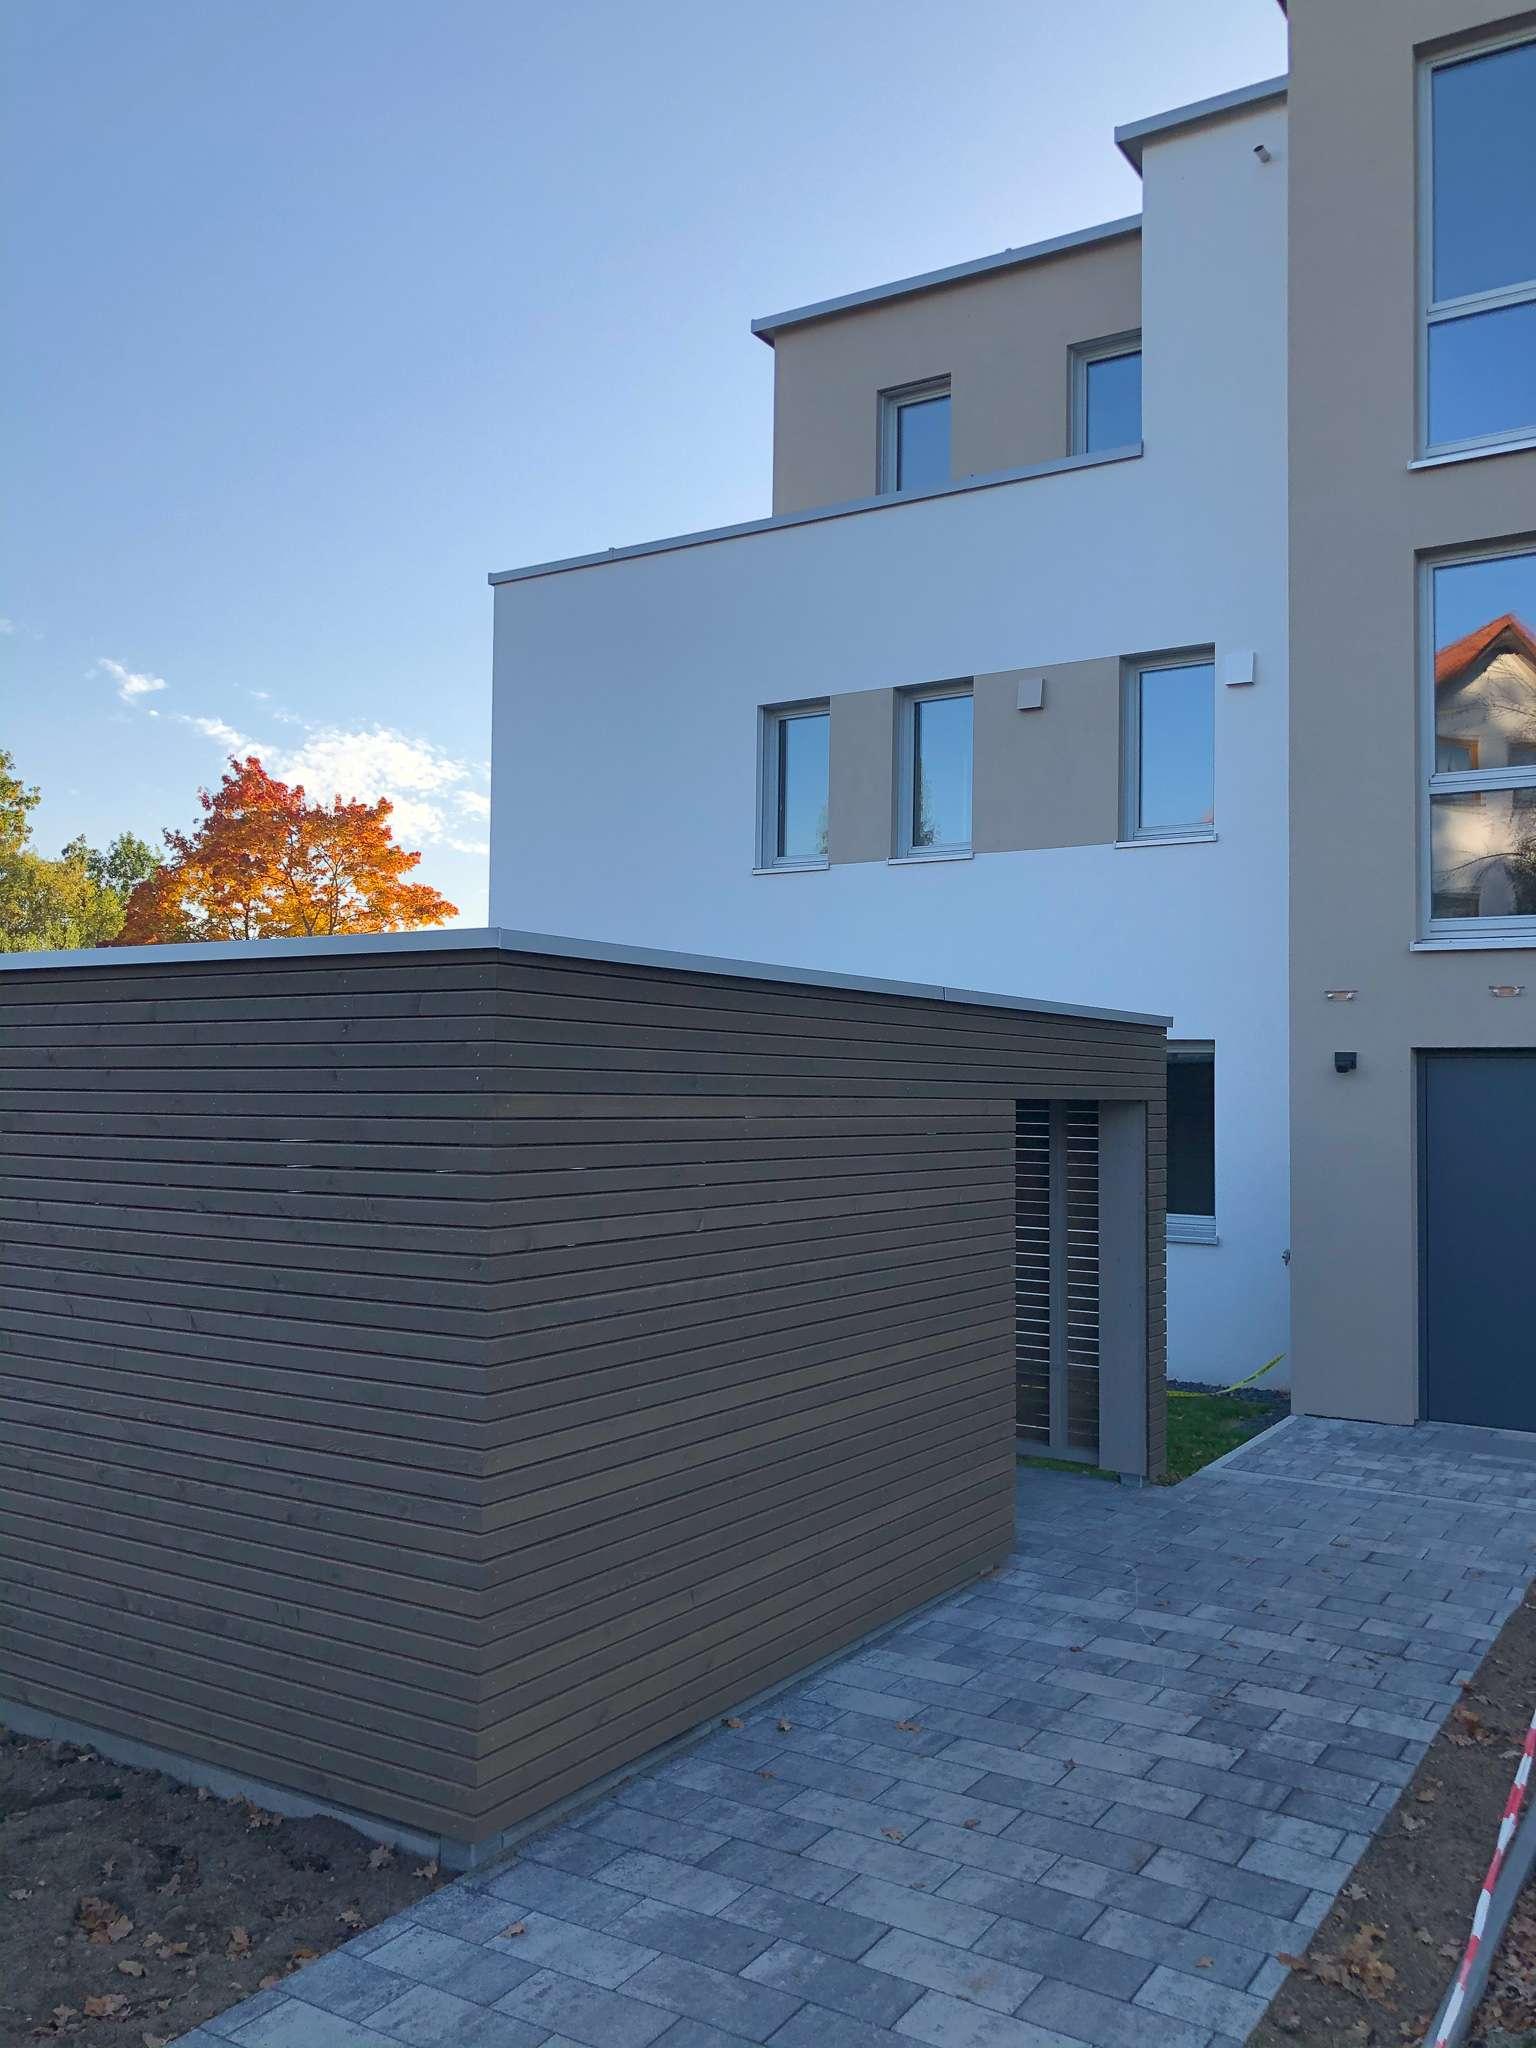 Erstbezug: exklusive 2-Zimmer-Wohnung mit Balkon in Oberasbach - von Privat - in Oberasbach